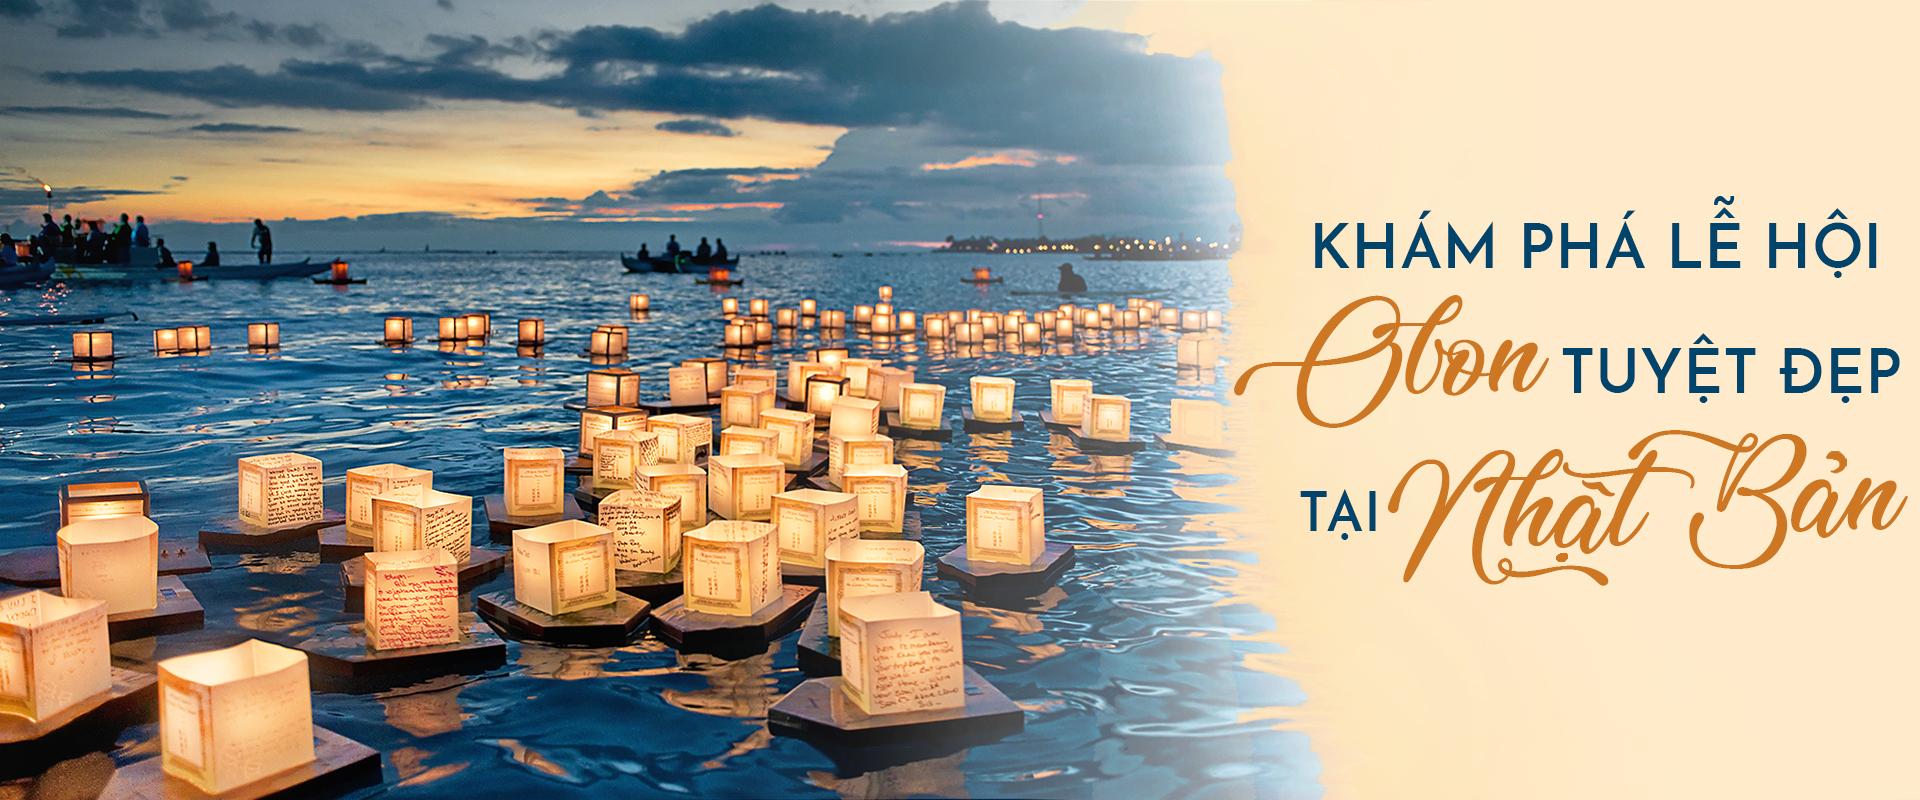 Du lịch Nhật Bản khám phá lễ hội Bon tuyệt đẹp